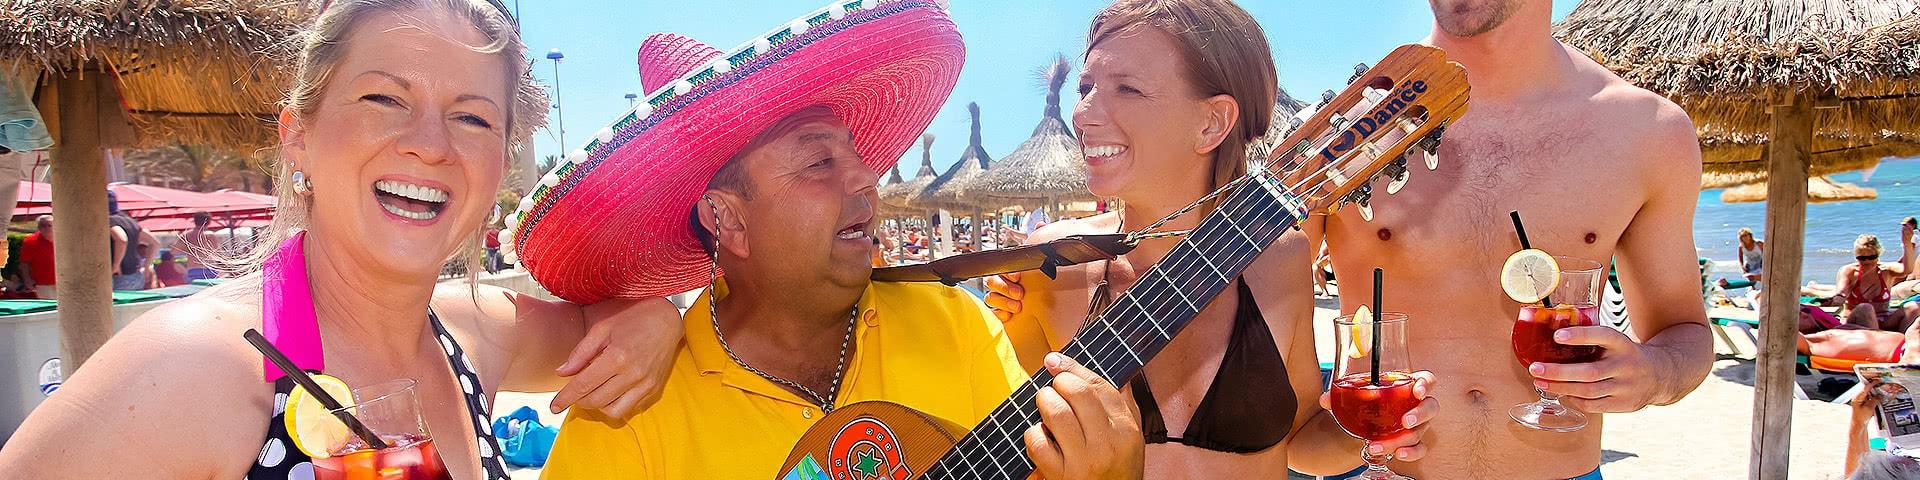 Gut gelaunte Gruppe mit einem Musikar am Strand auf Mallorca